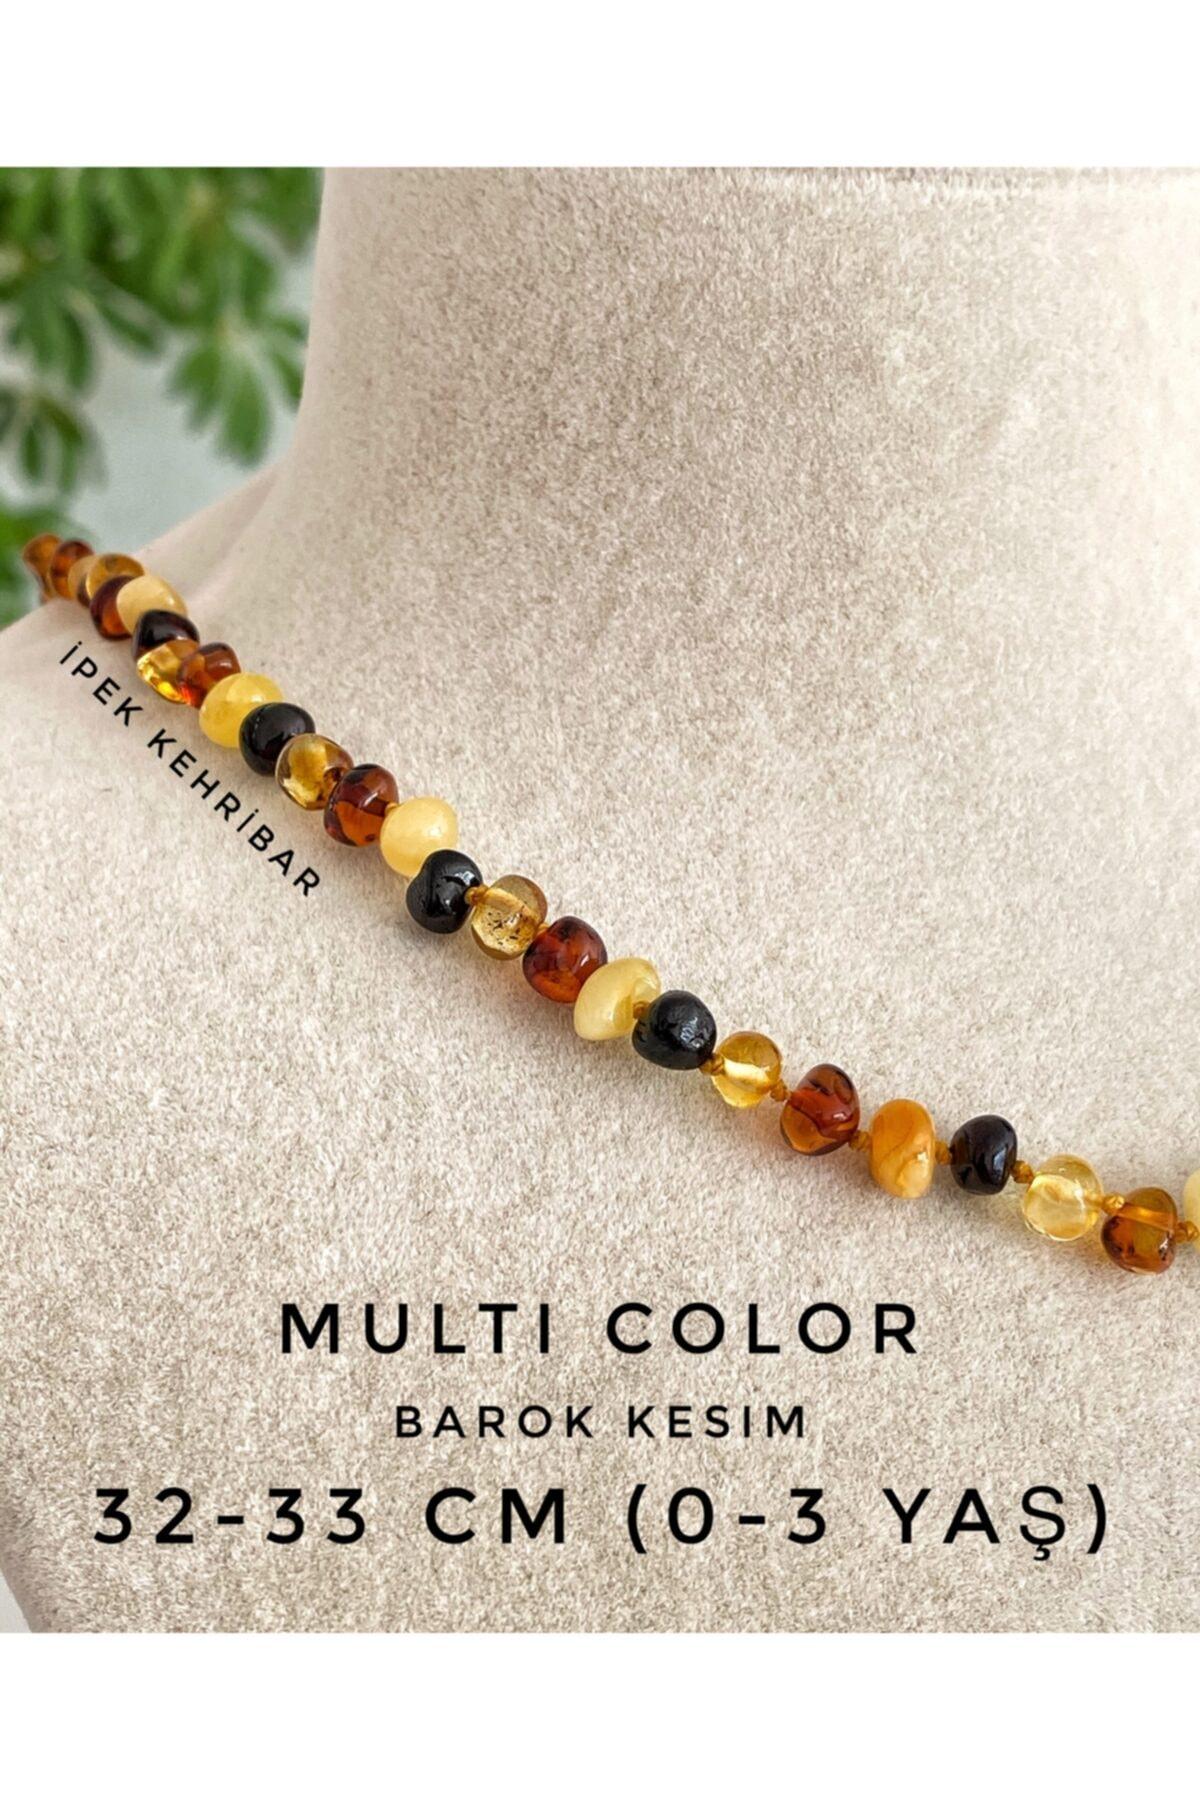 İpek Kehribar Unisex Bebek Kahverengi Diş Barok Kesim Multicolor 4 Renk Baltık Kehribar Kolye 2